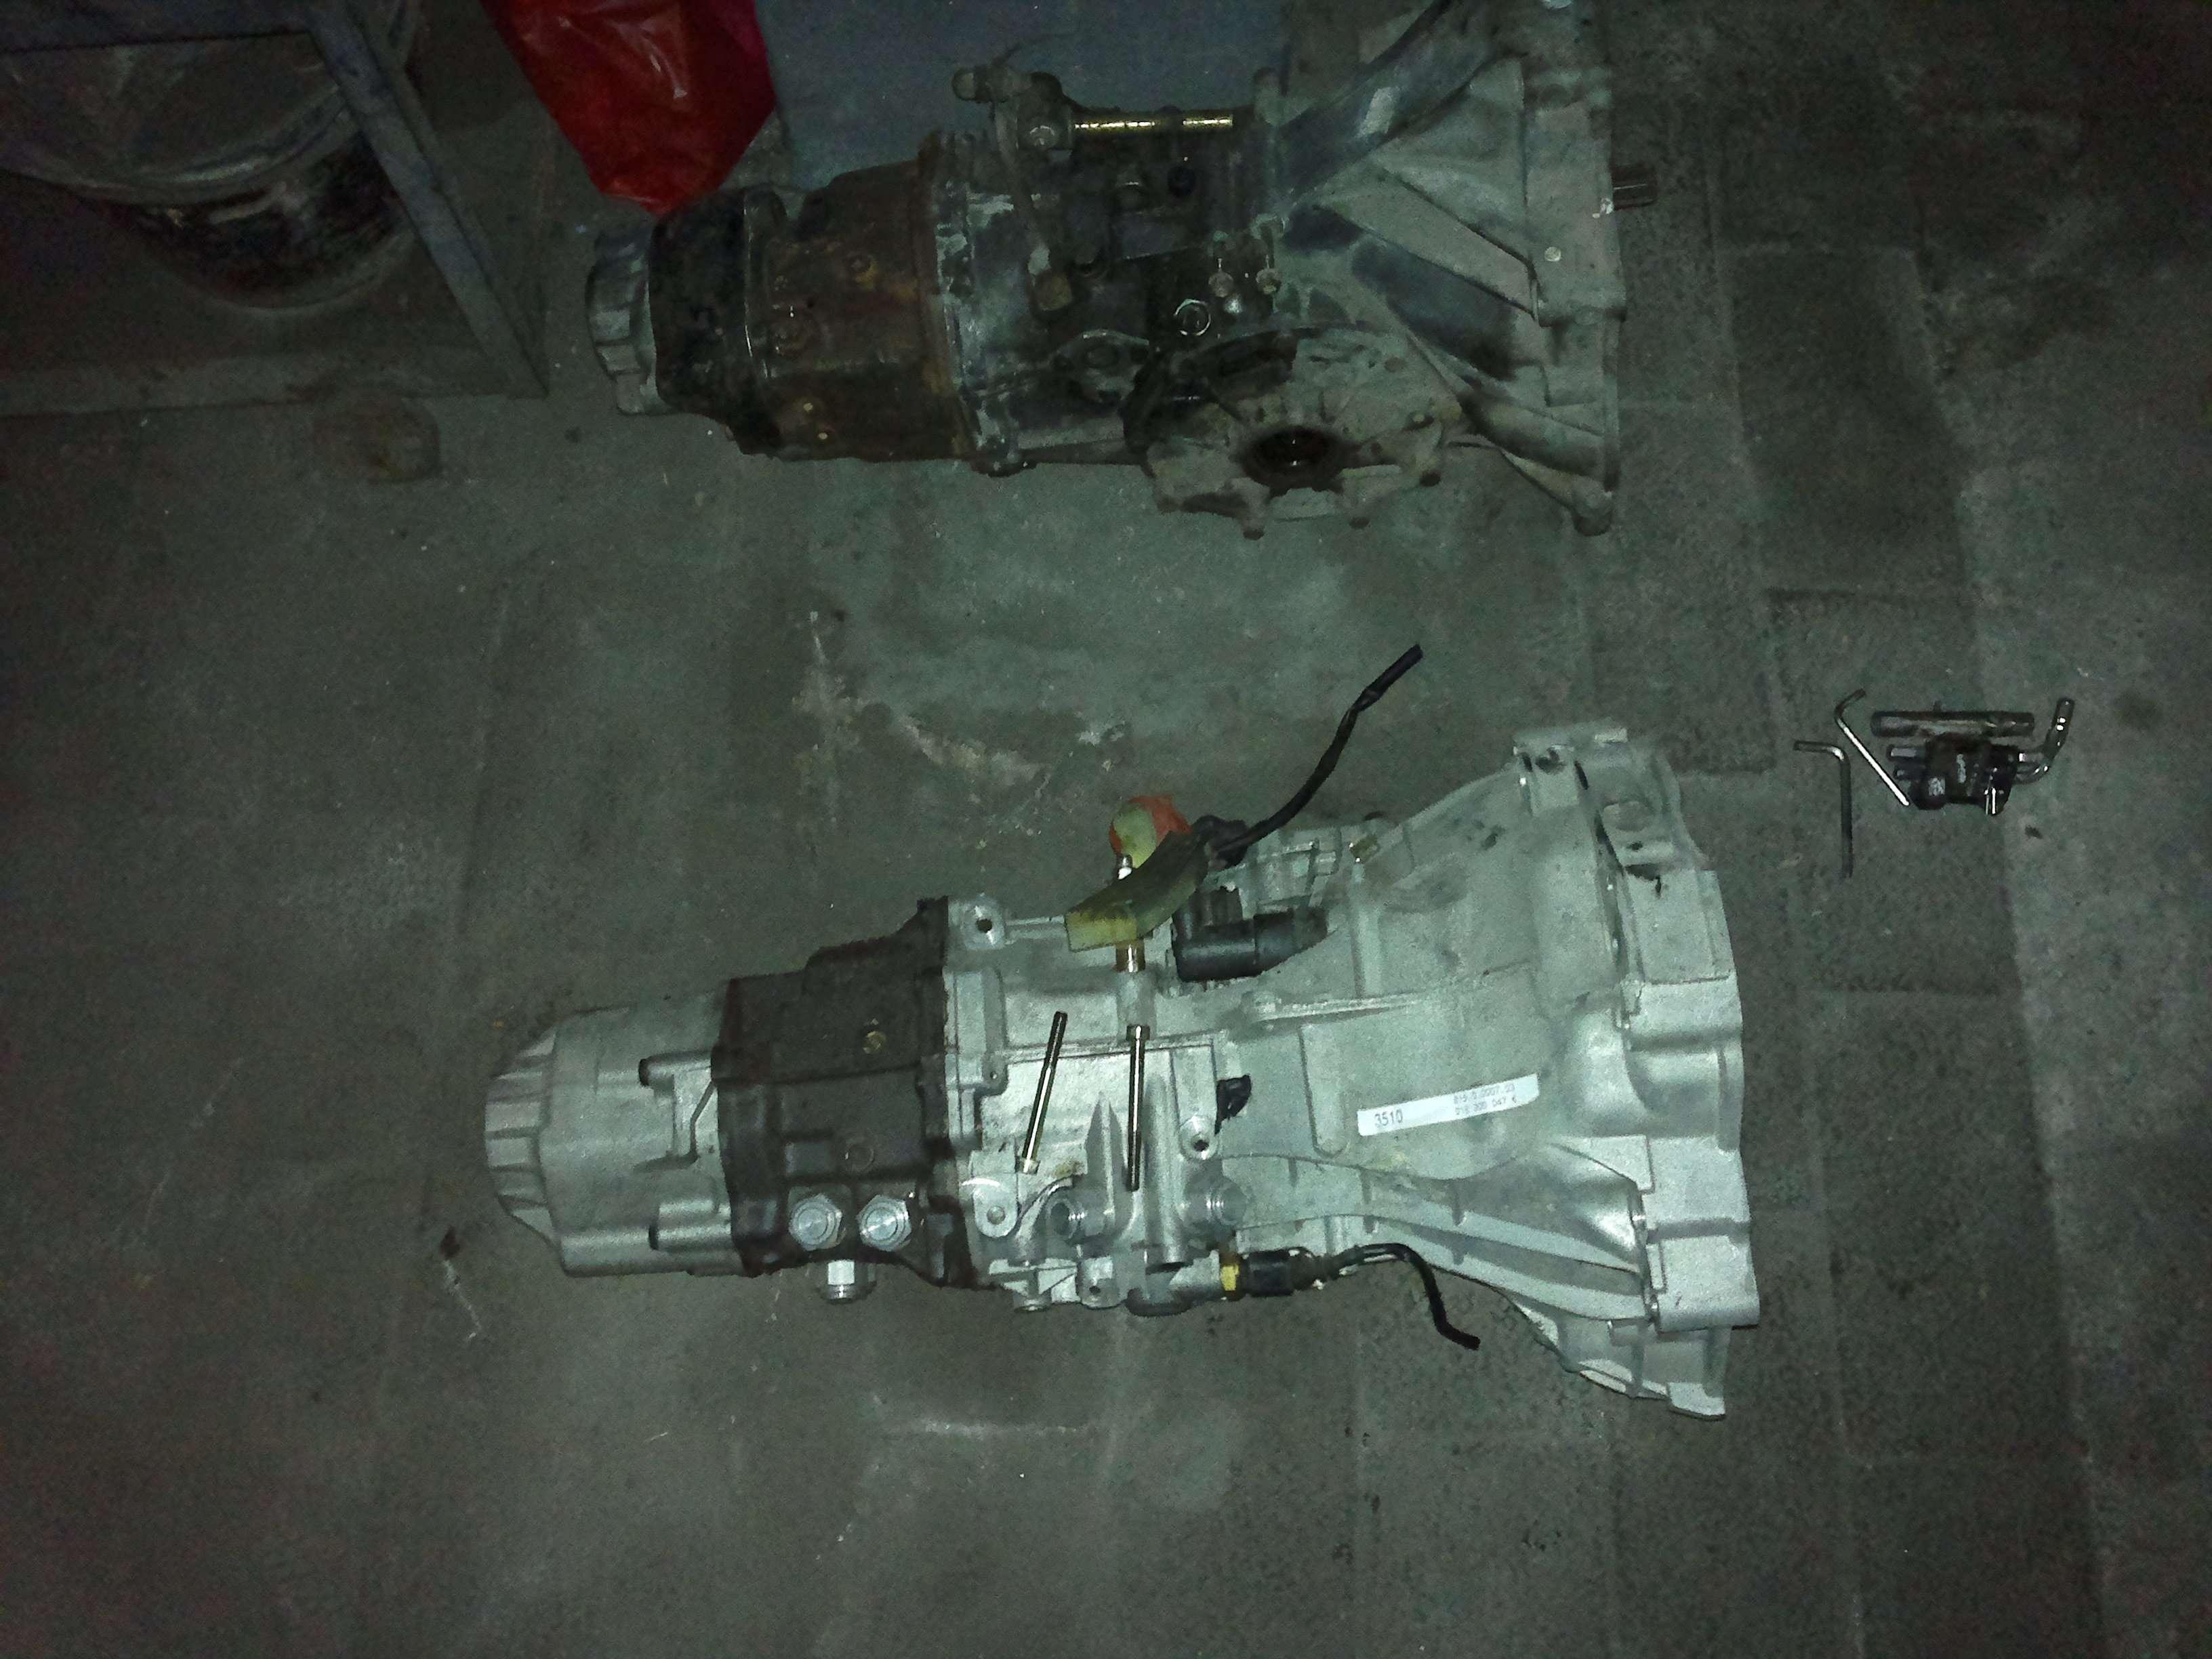 944 to passat 01E 6 speed gearbox conversion - Rennlist